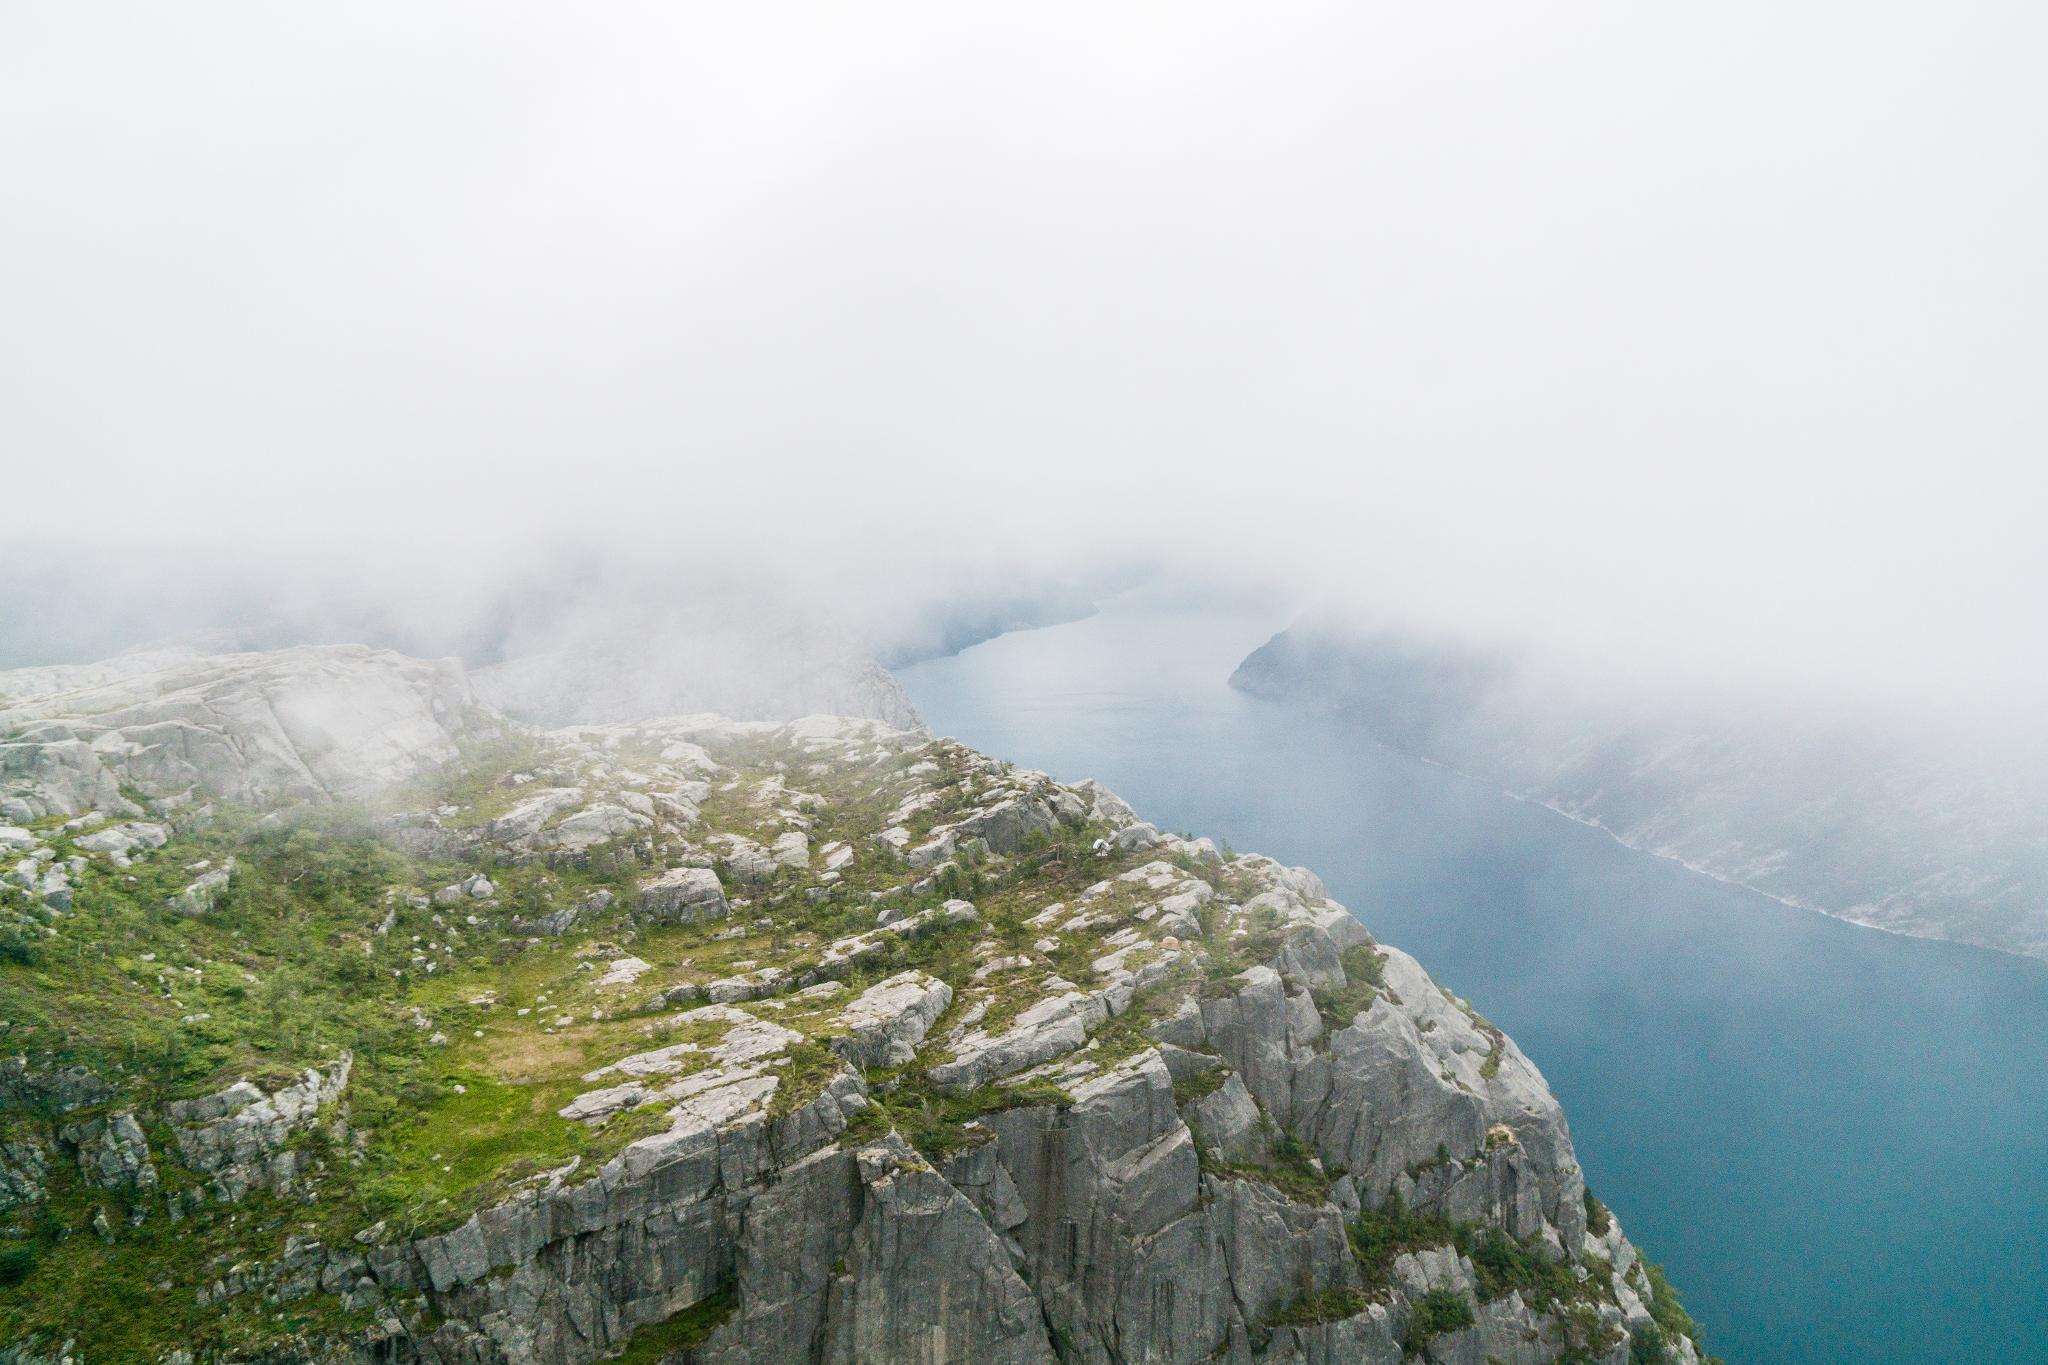 【北歐景點】朝聖挪威三大奇岩:聖壇岩Preikestolen健行紀錄 25